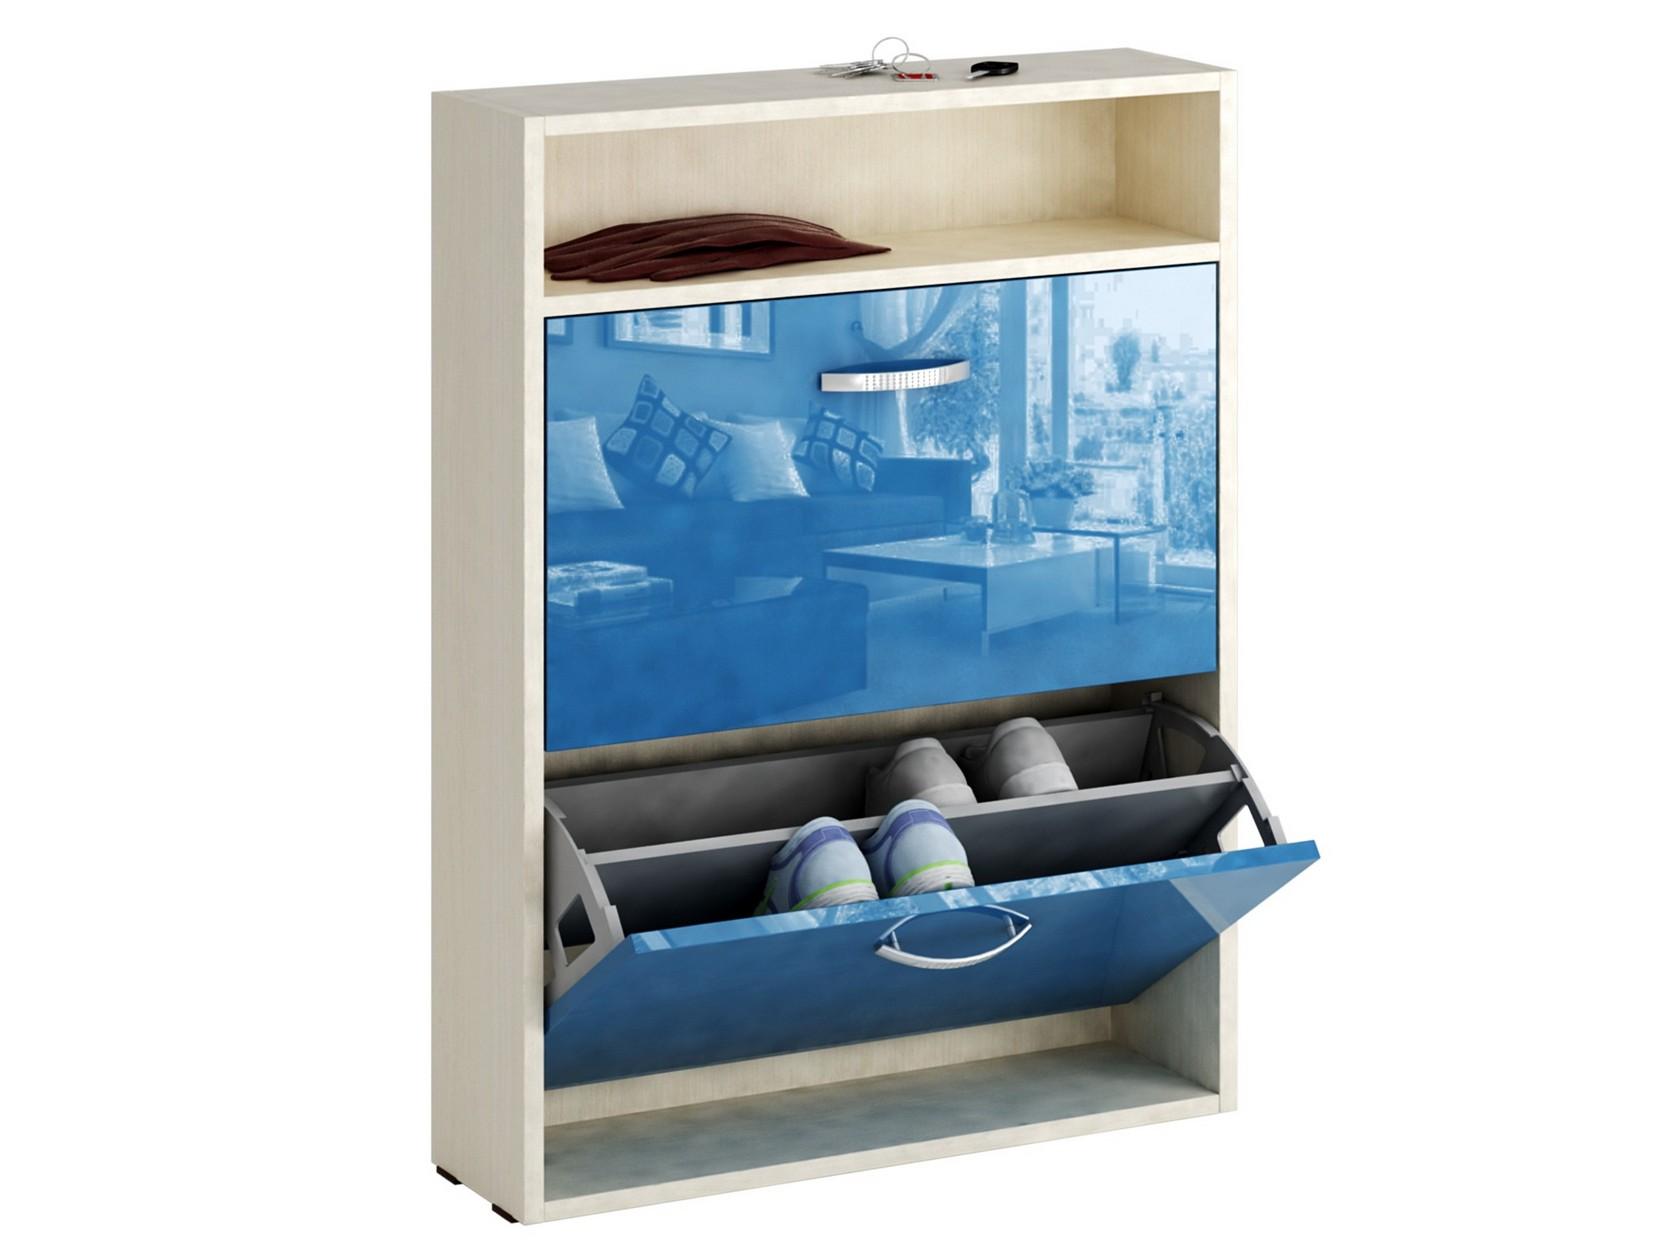 Обувница MFMaster Милан-25 МСТ-ОДМ-25У 60х17х88,2 см, дуб молочный/синий глянец